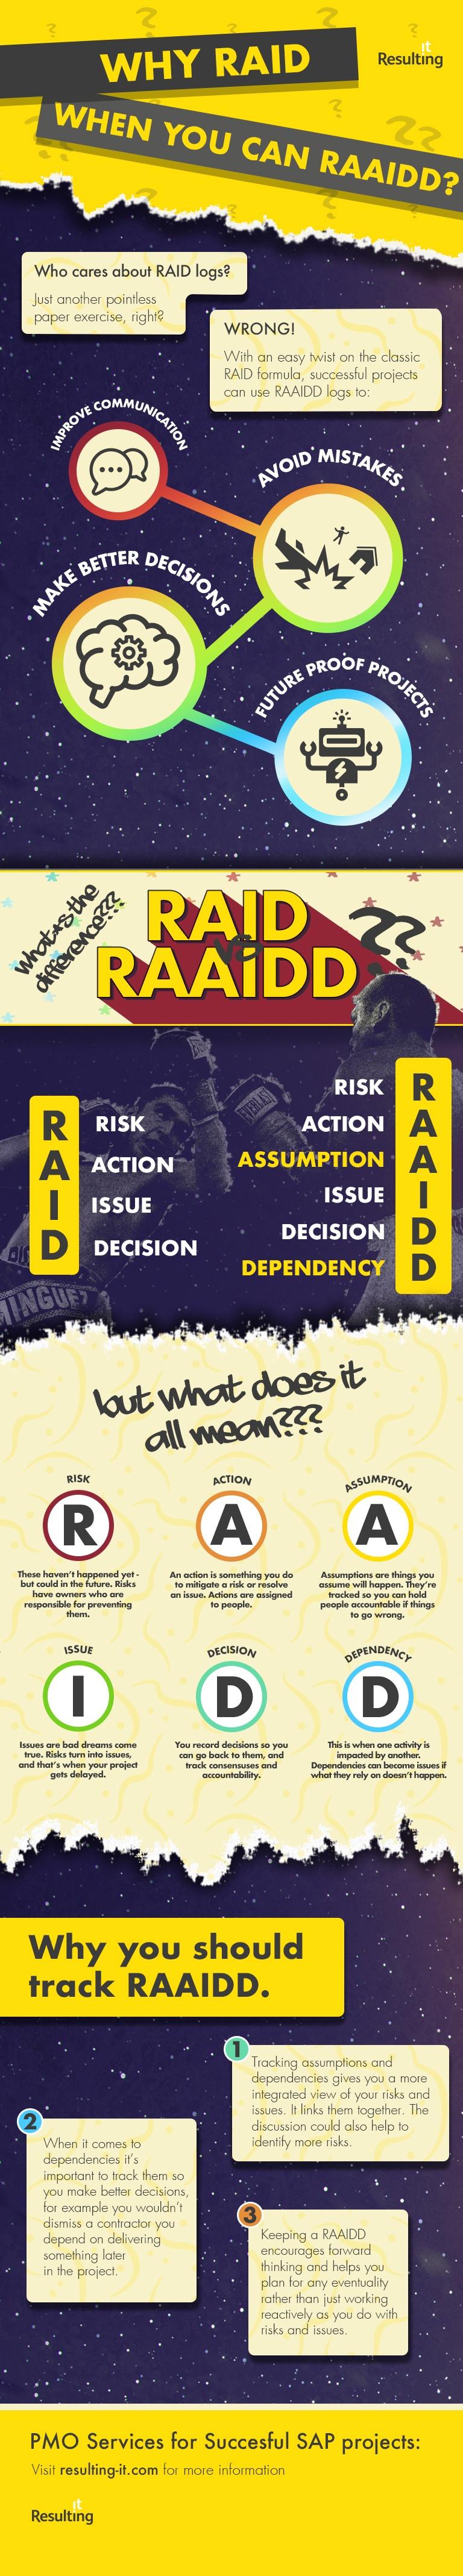 raid log infographic v2